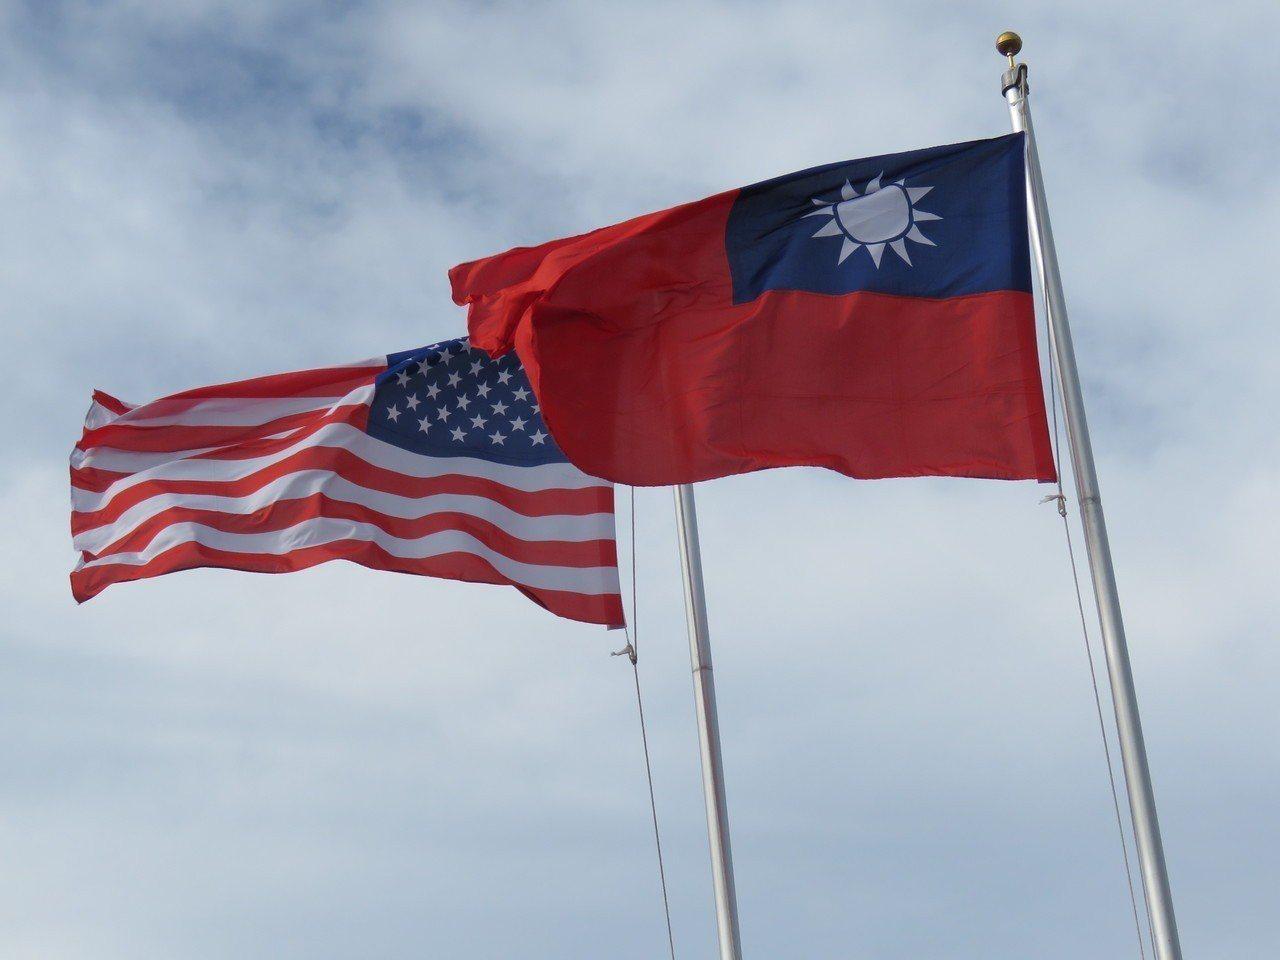 美國國務院官員24日肯定台灣的民主制度,恭賀台灣完成一場成功的選舉。圖/聯合報系...